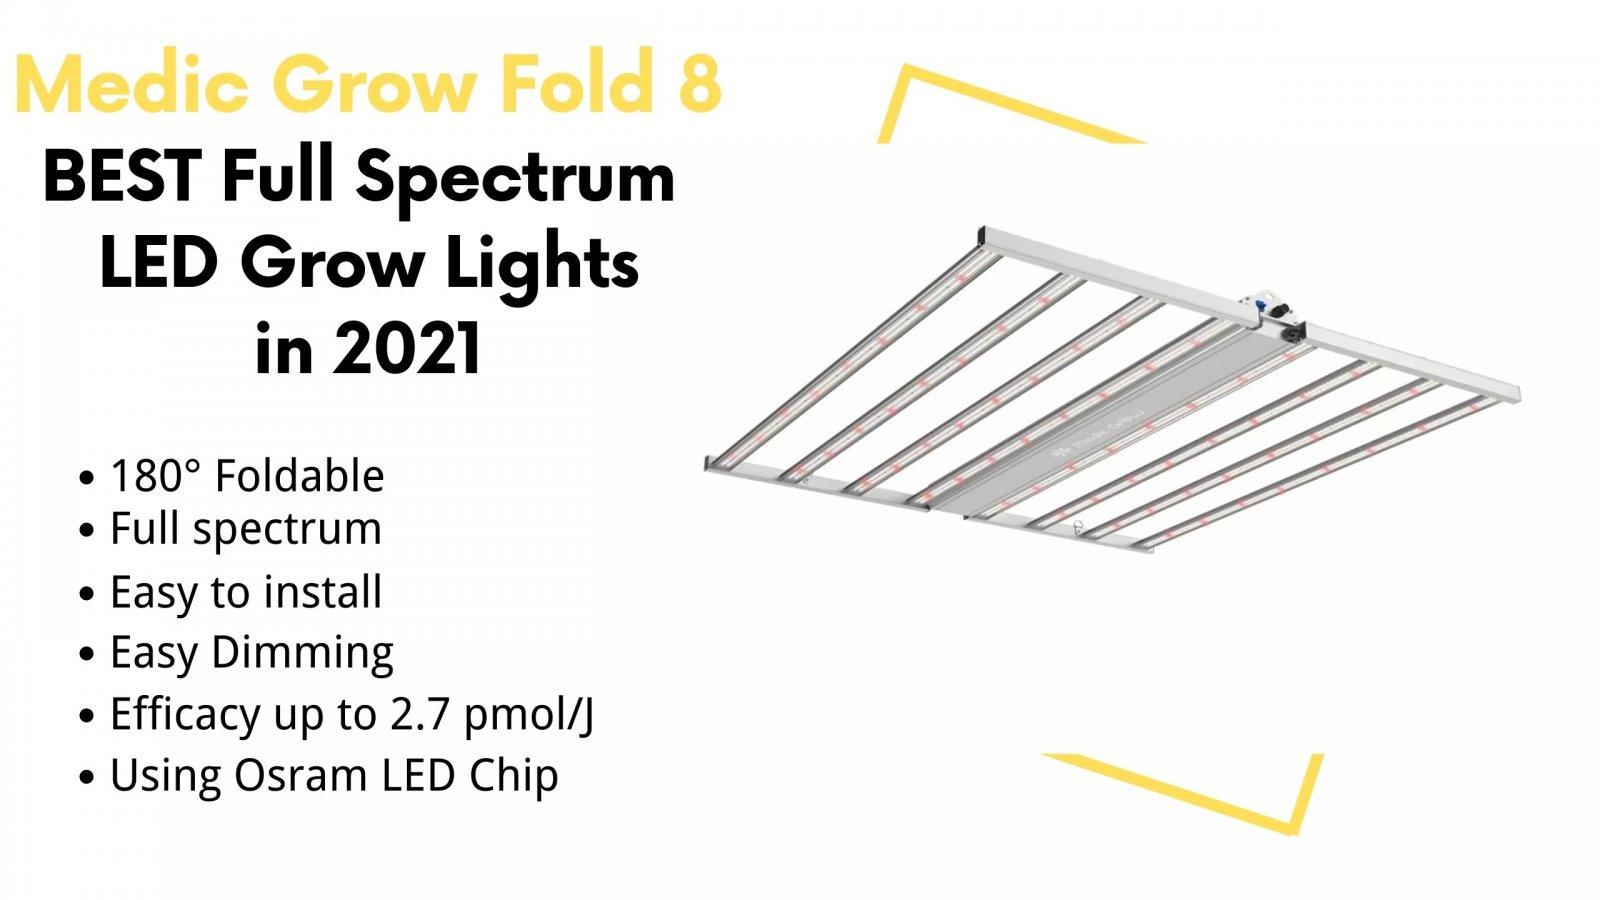 medic-grow-fold-8 -best-full-spectrum-led-grow-lights-in-2021.jpg